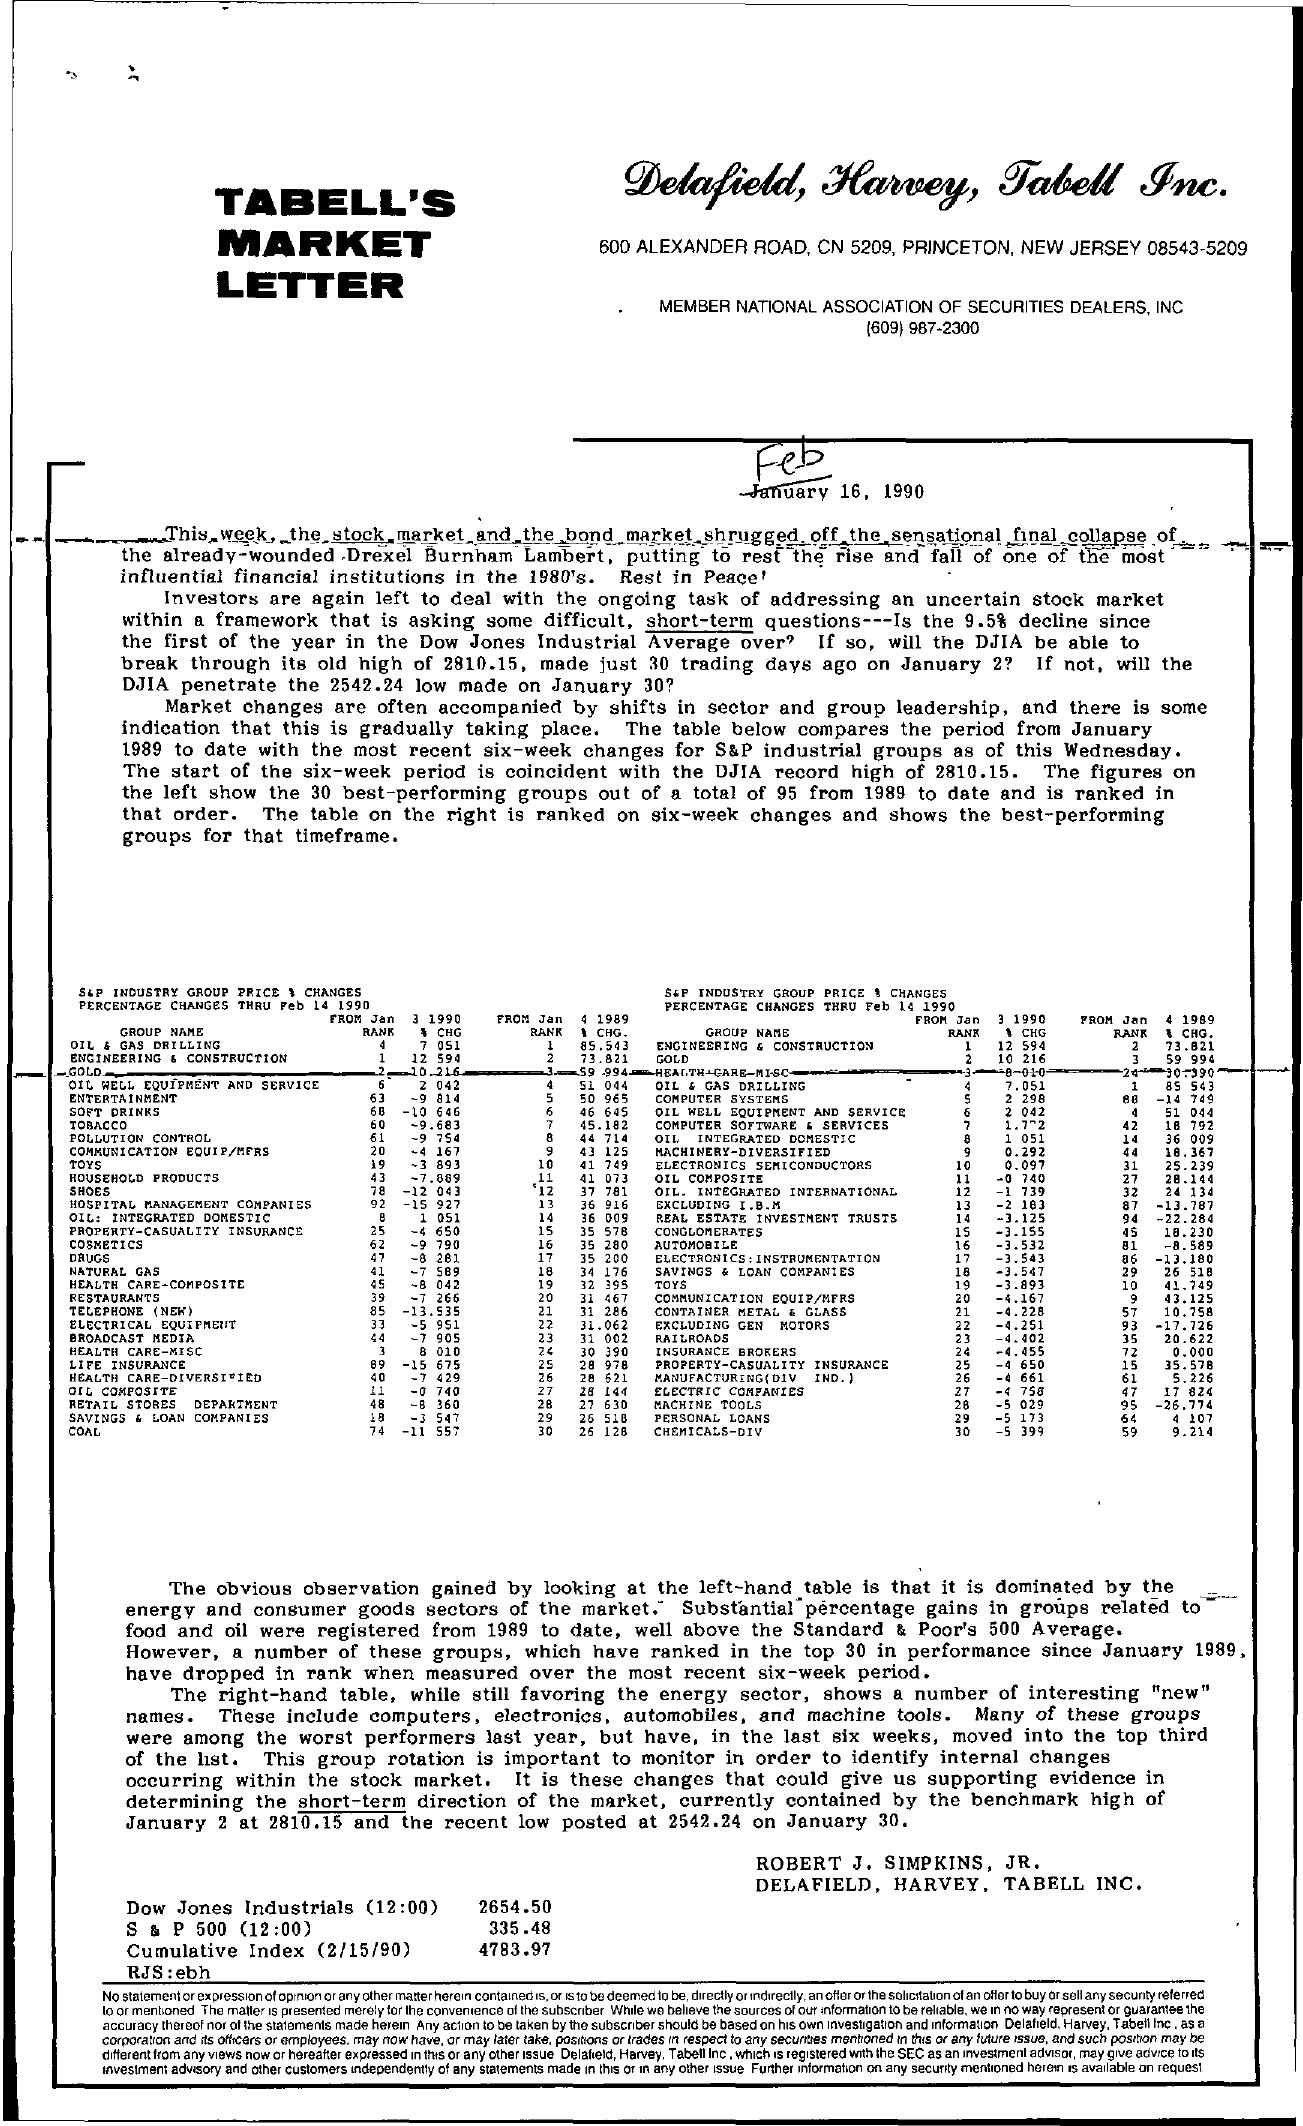 Tabell's Market Letter - February 16, 1990